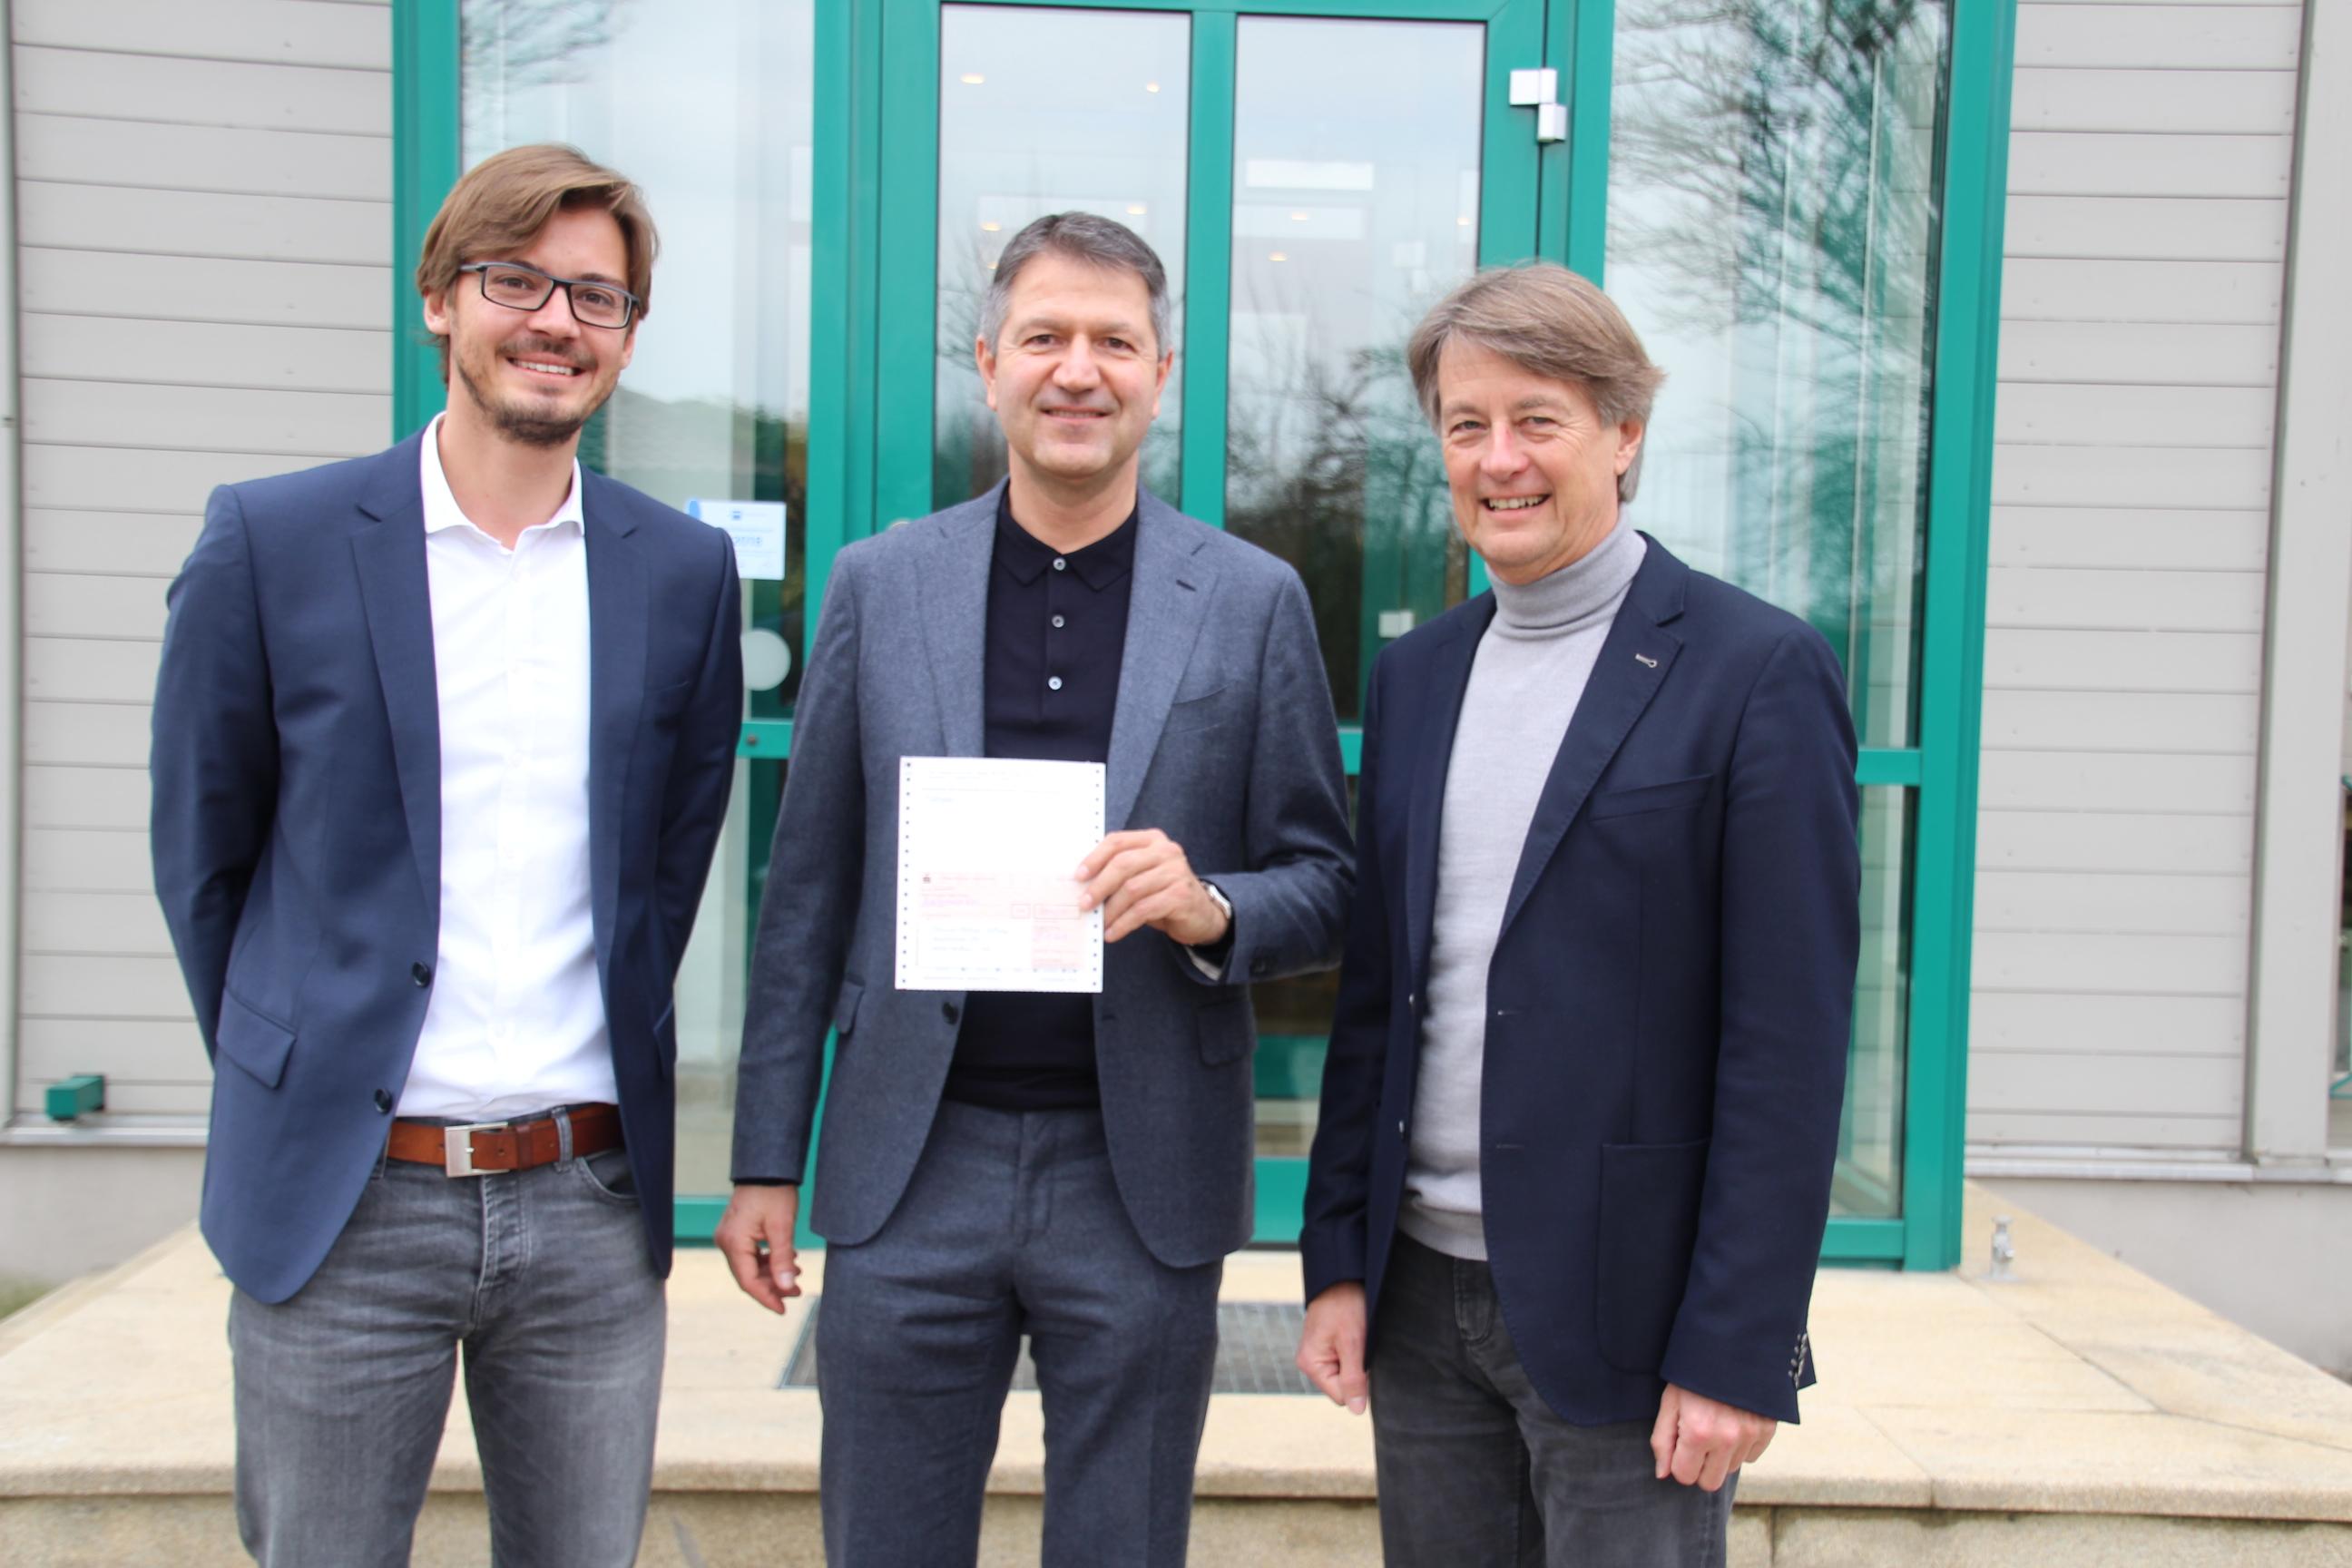 Im Bild von links nach rechts: Johannes Haderstorfer, Claus Girnghuber, Prof. Dr. Rudolf Haderstorfer